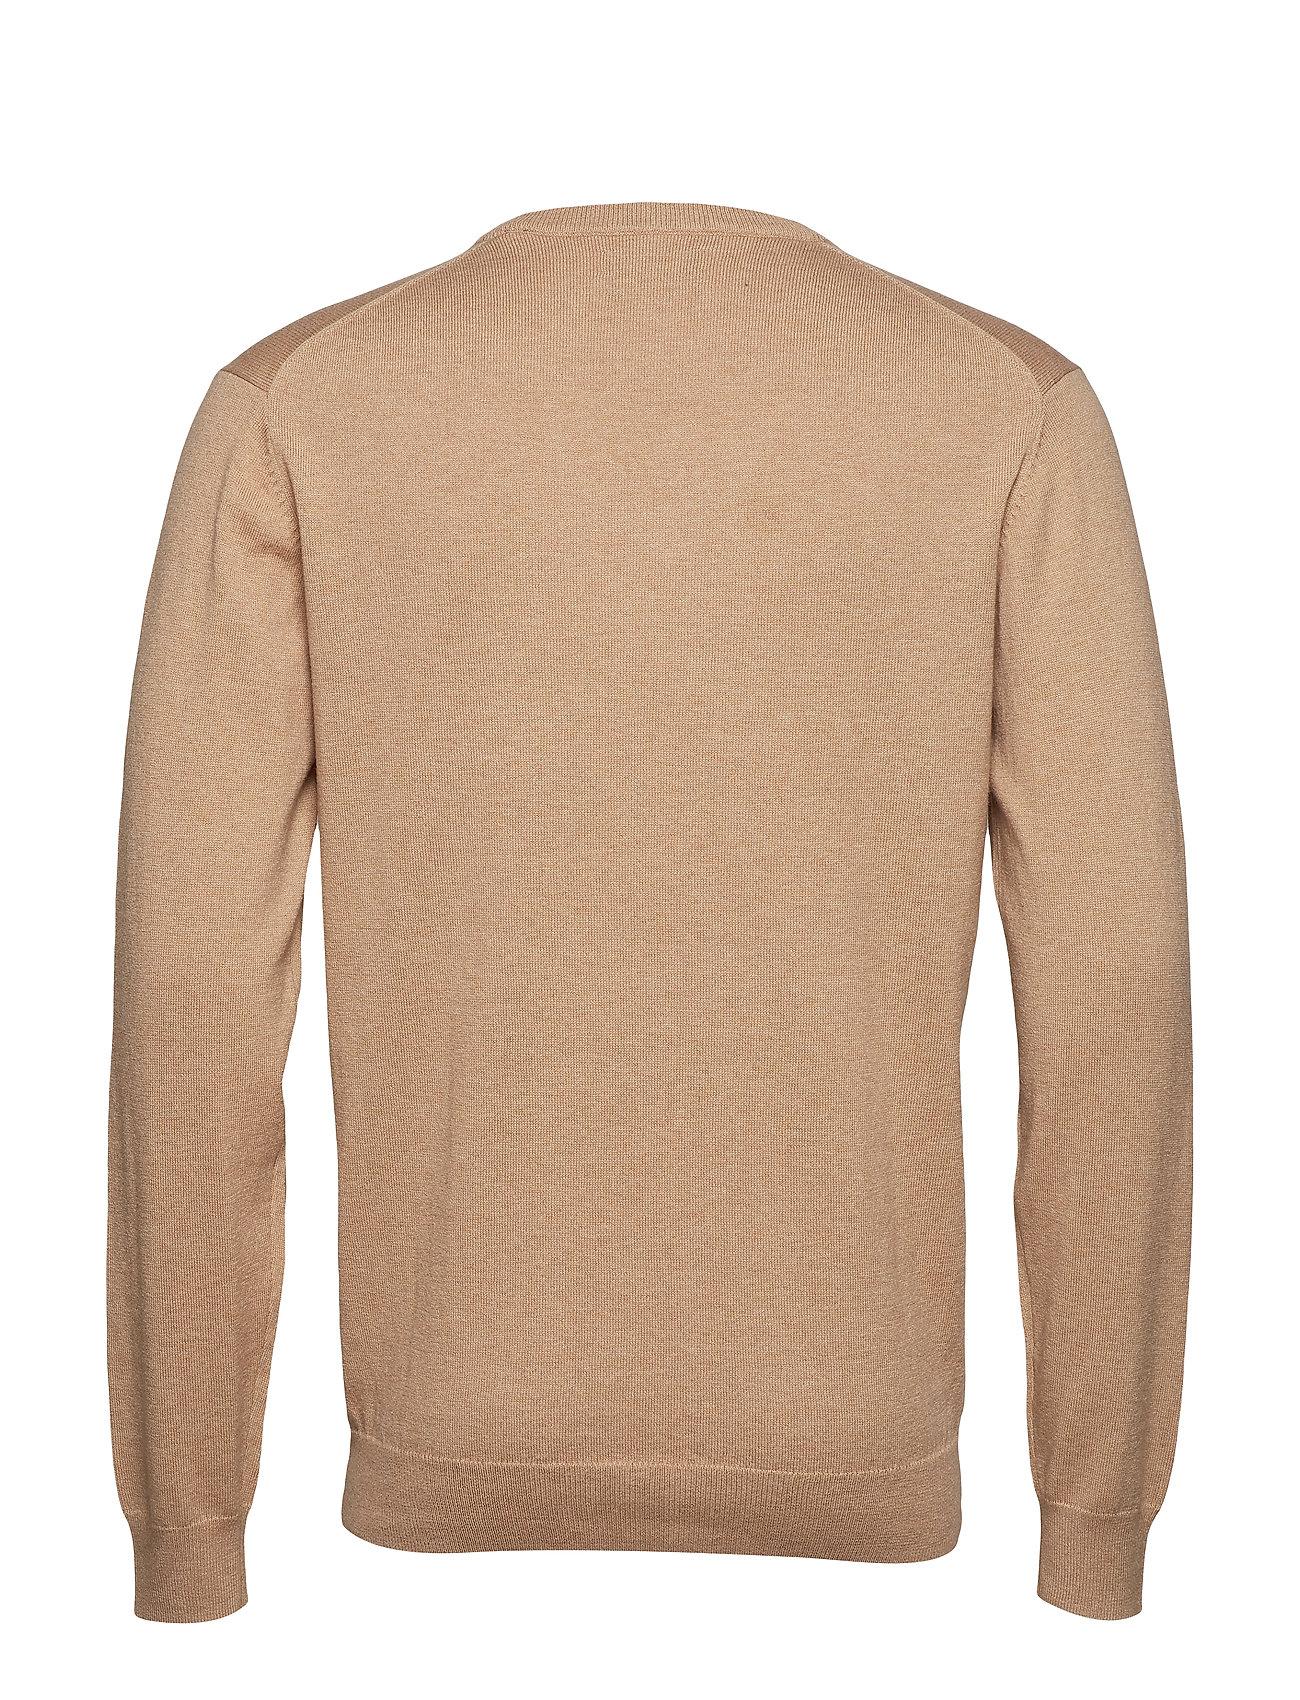 Cotton V Cotton V neckkhaki MelGant V Wool neckkhaki MelGant Wool Wool Cotton bg7Yfv6y